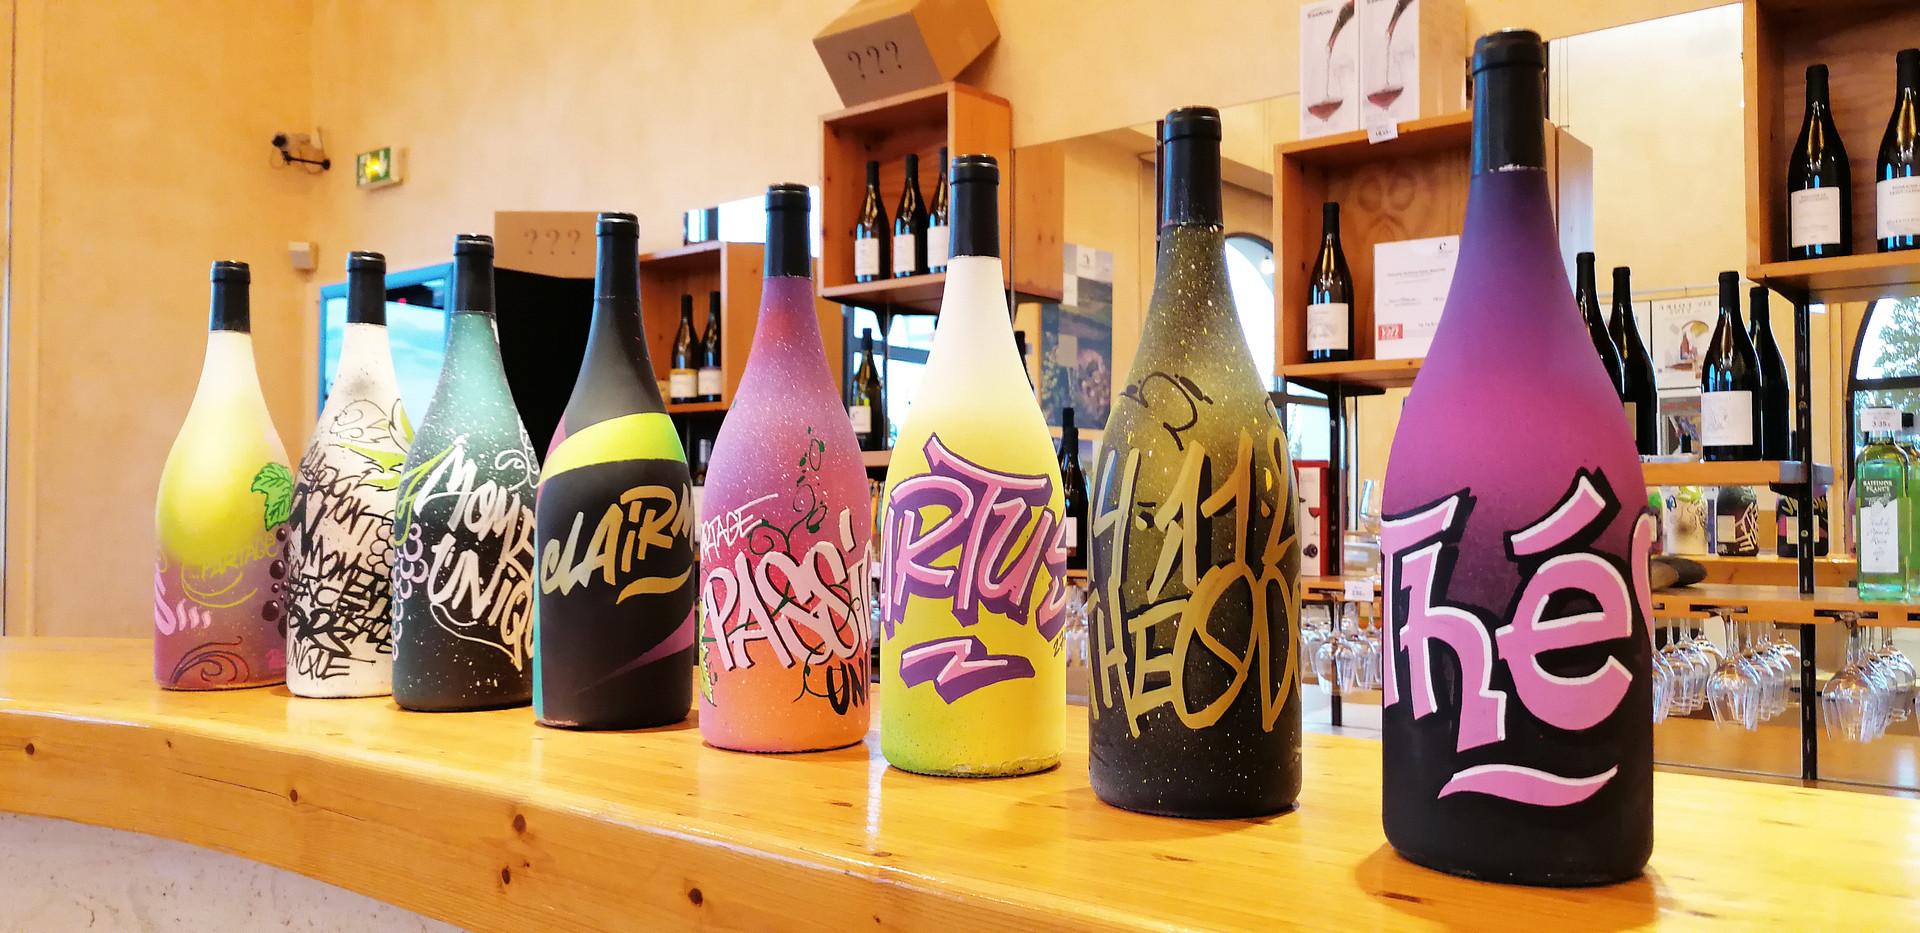 Décors graff bouteilles magnums Cave de